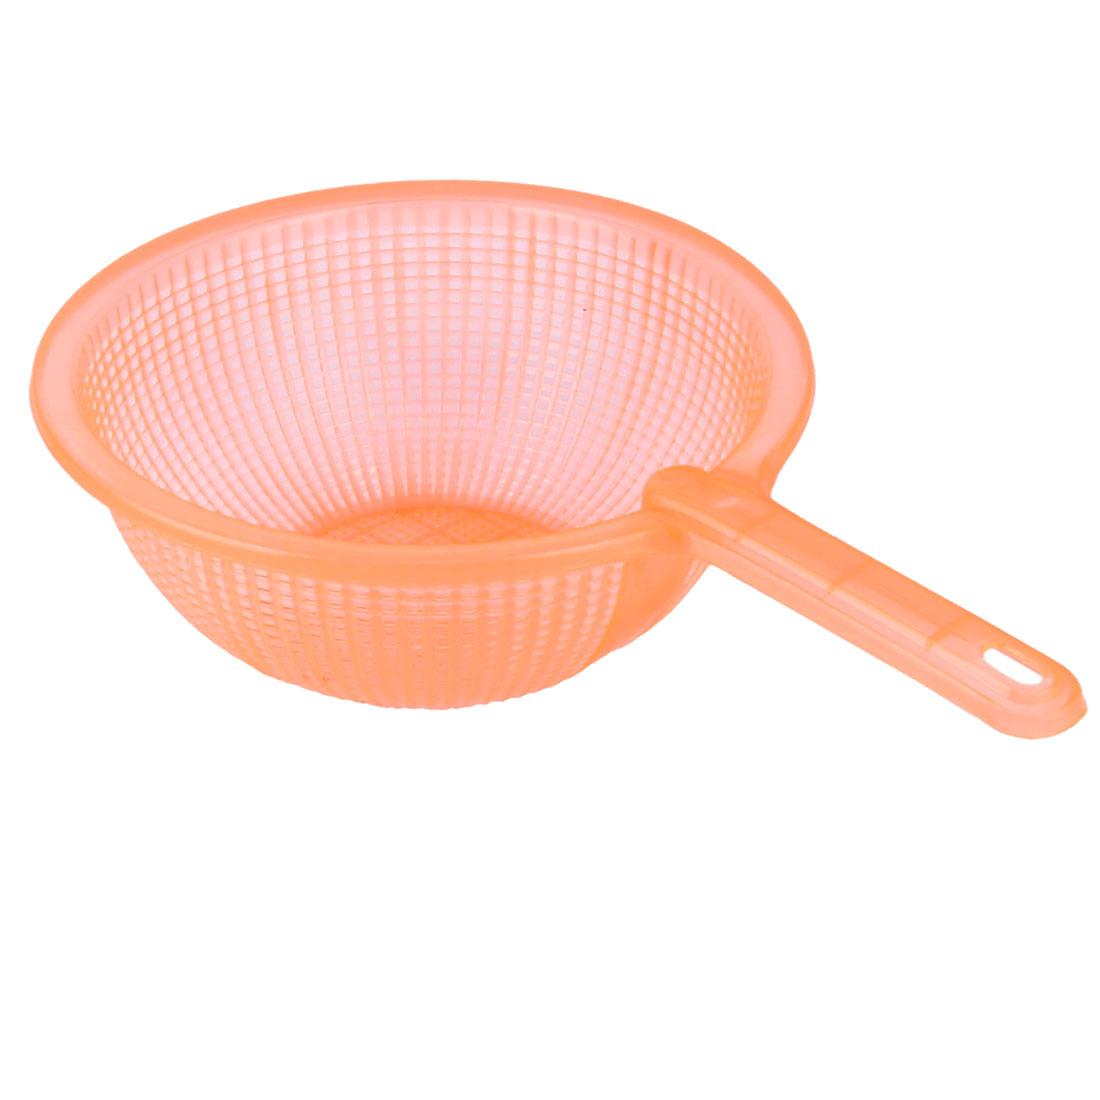 Kitchen Plastic Fruits Vegetables Rice Washing Wash Filter Strainer Colander Orange